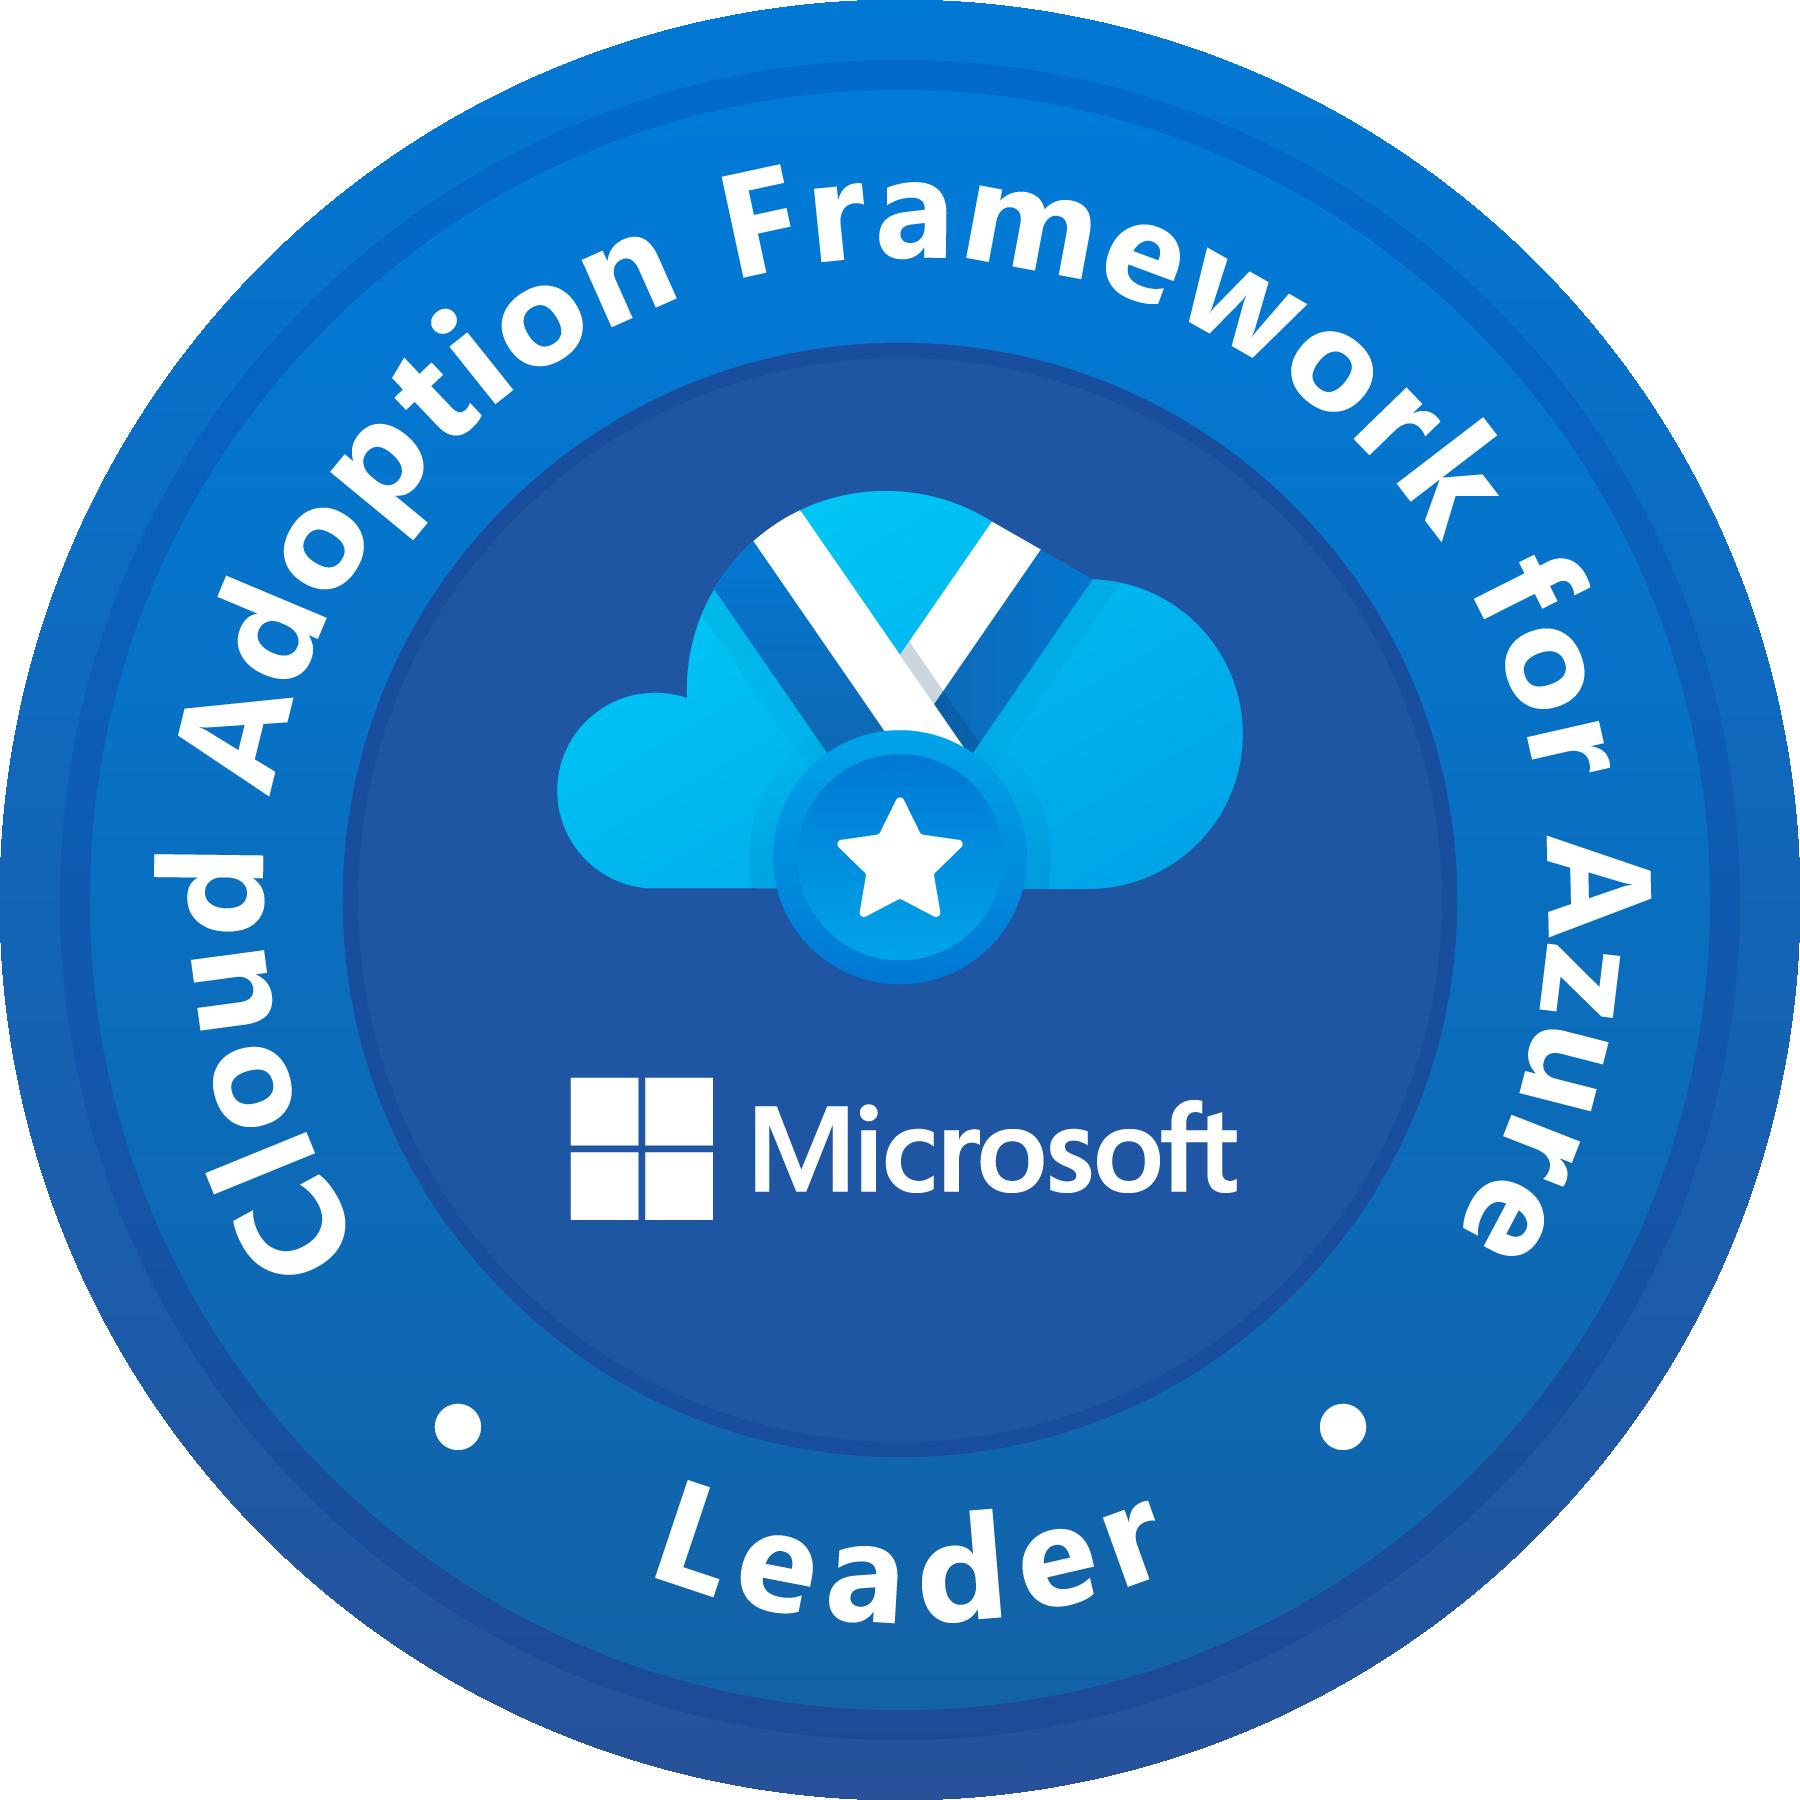 Leader - Cloud Adoption Framework for Azure